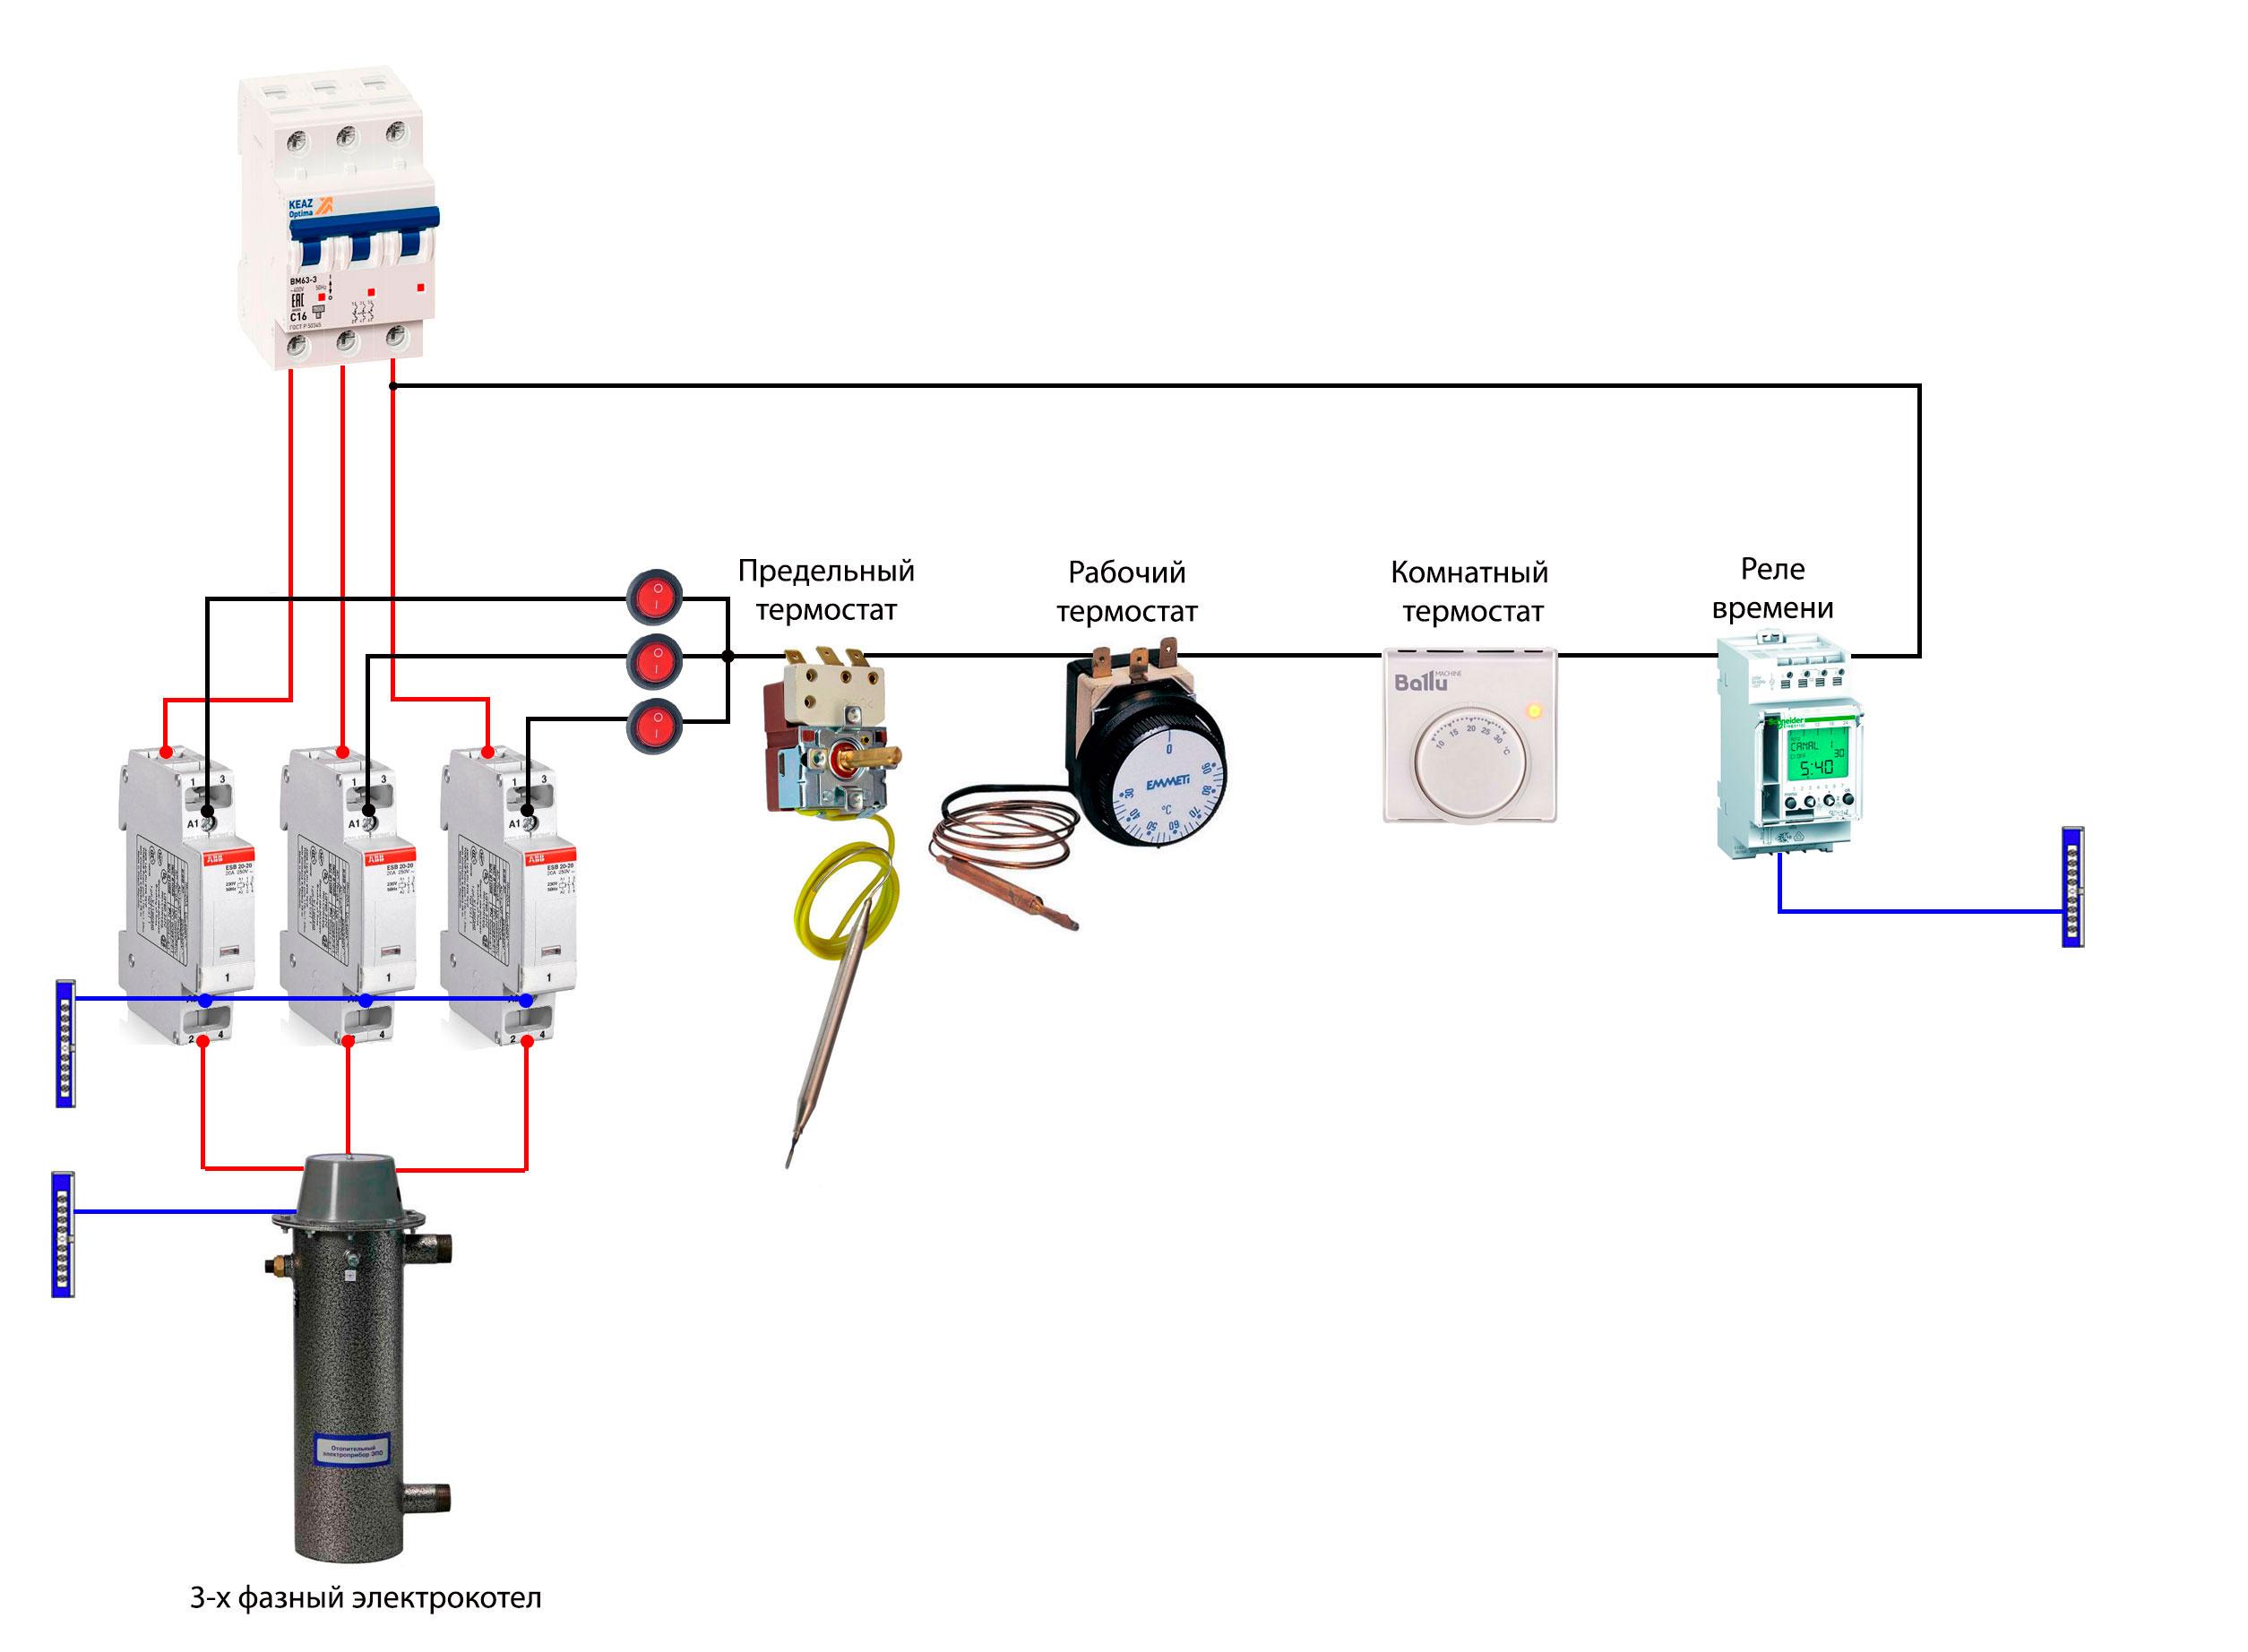 схема автоматики электроотопления своими руками